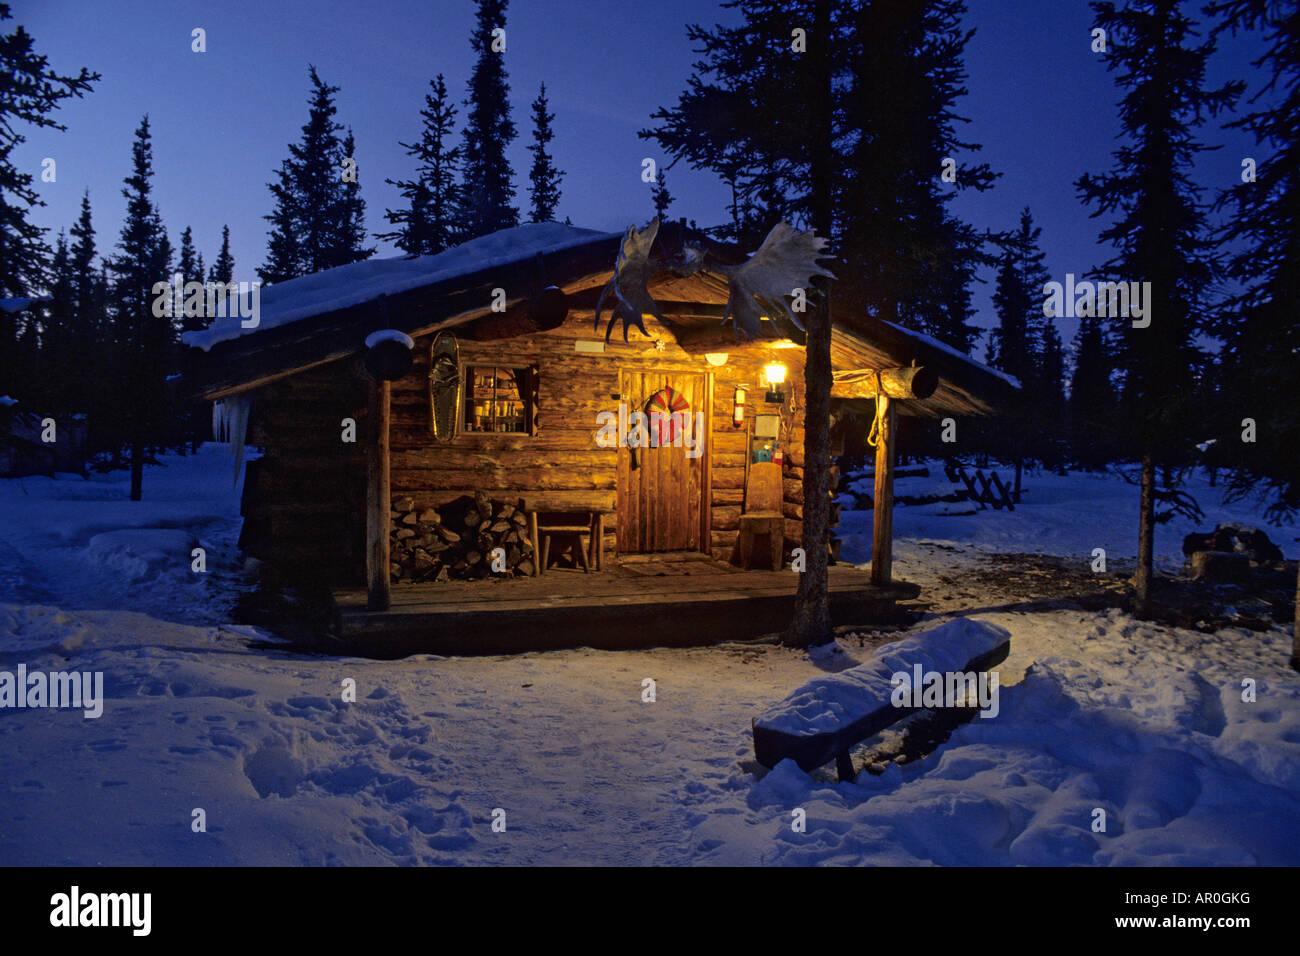 interior alaska log cabin forest winter porch light snow sky dusk